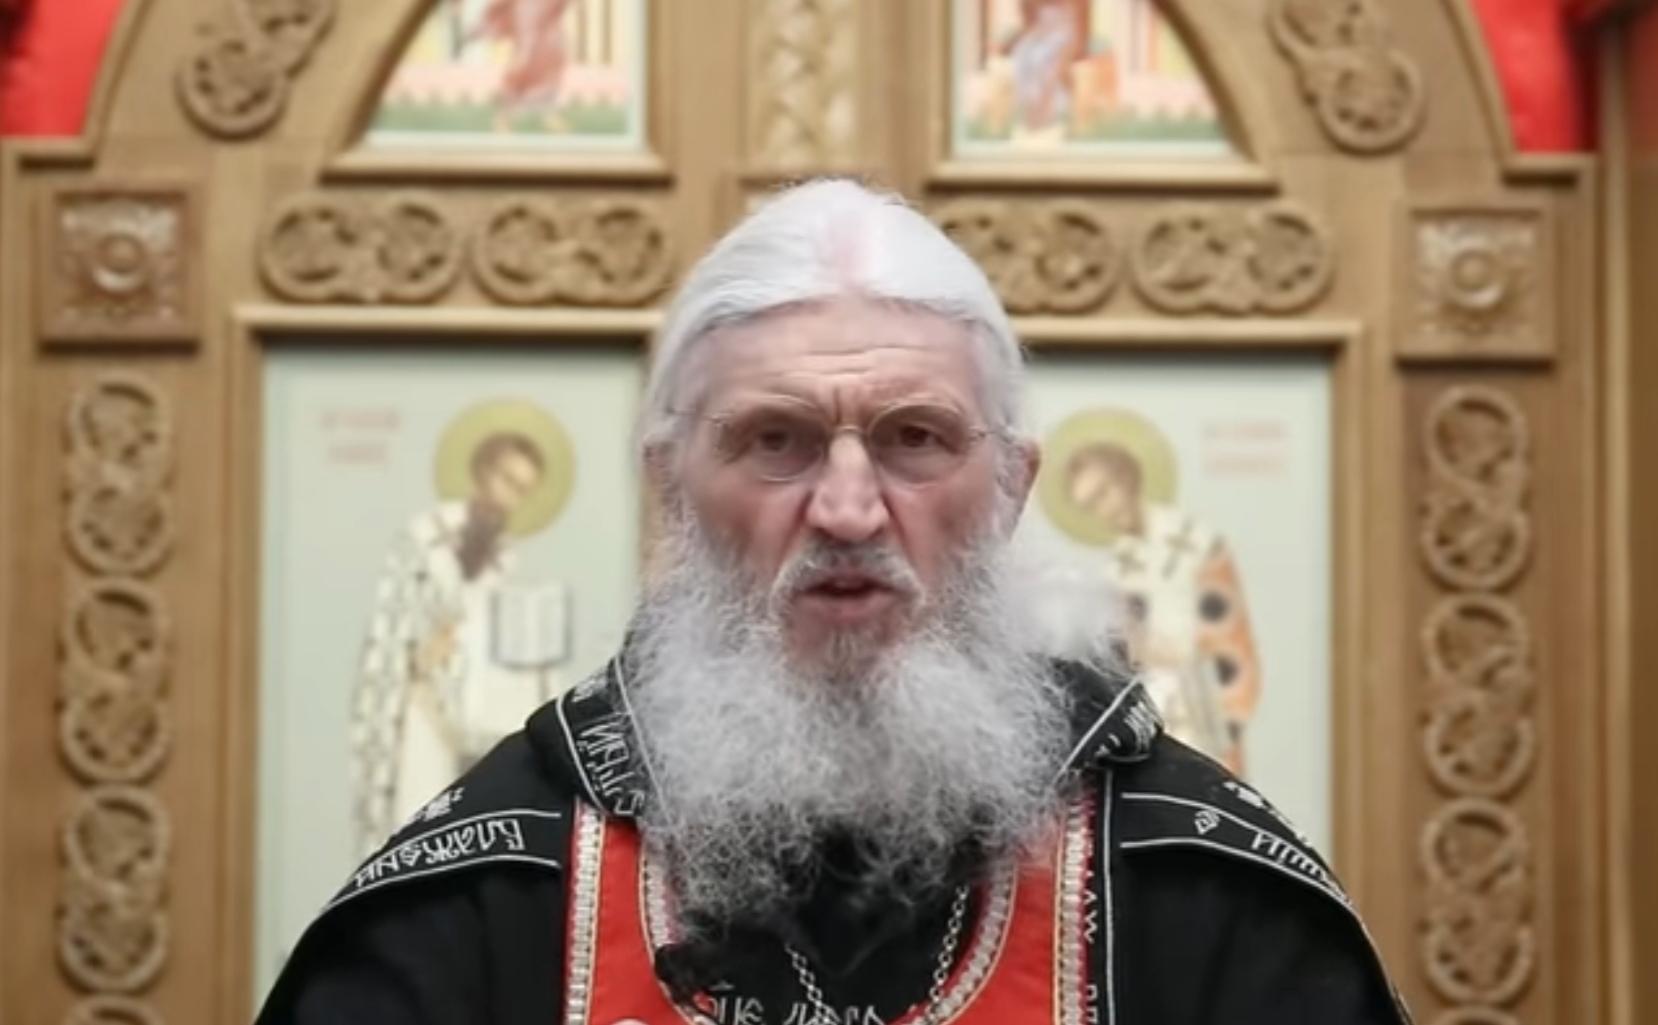 Основателя Среднеуральского женского монастыря лишили права проповедовать из-за высказывания о коронавирусе